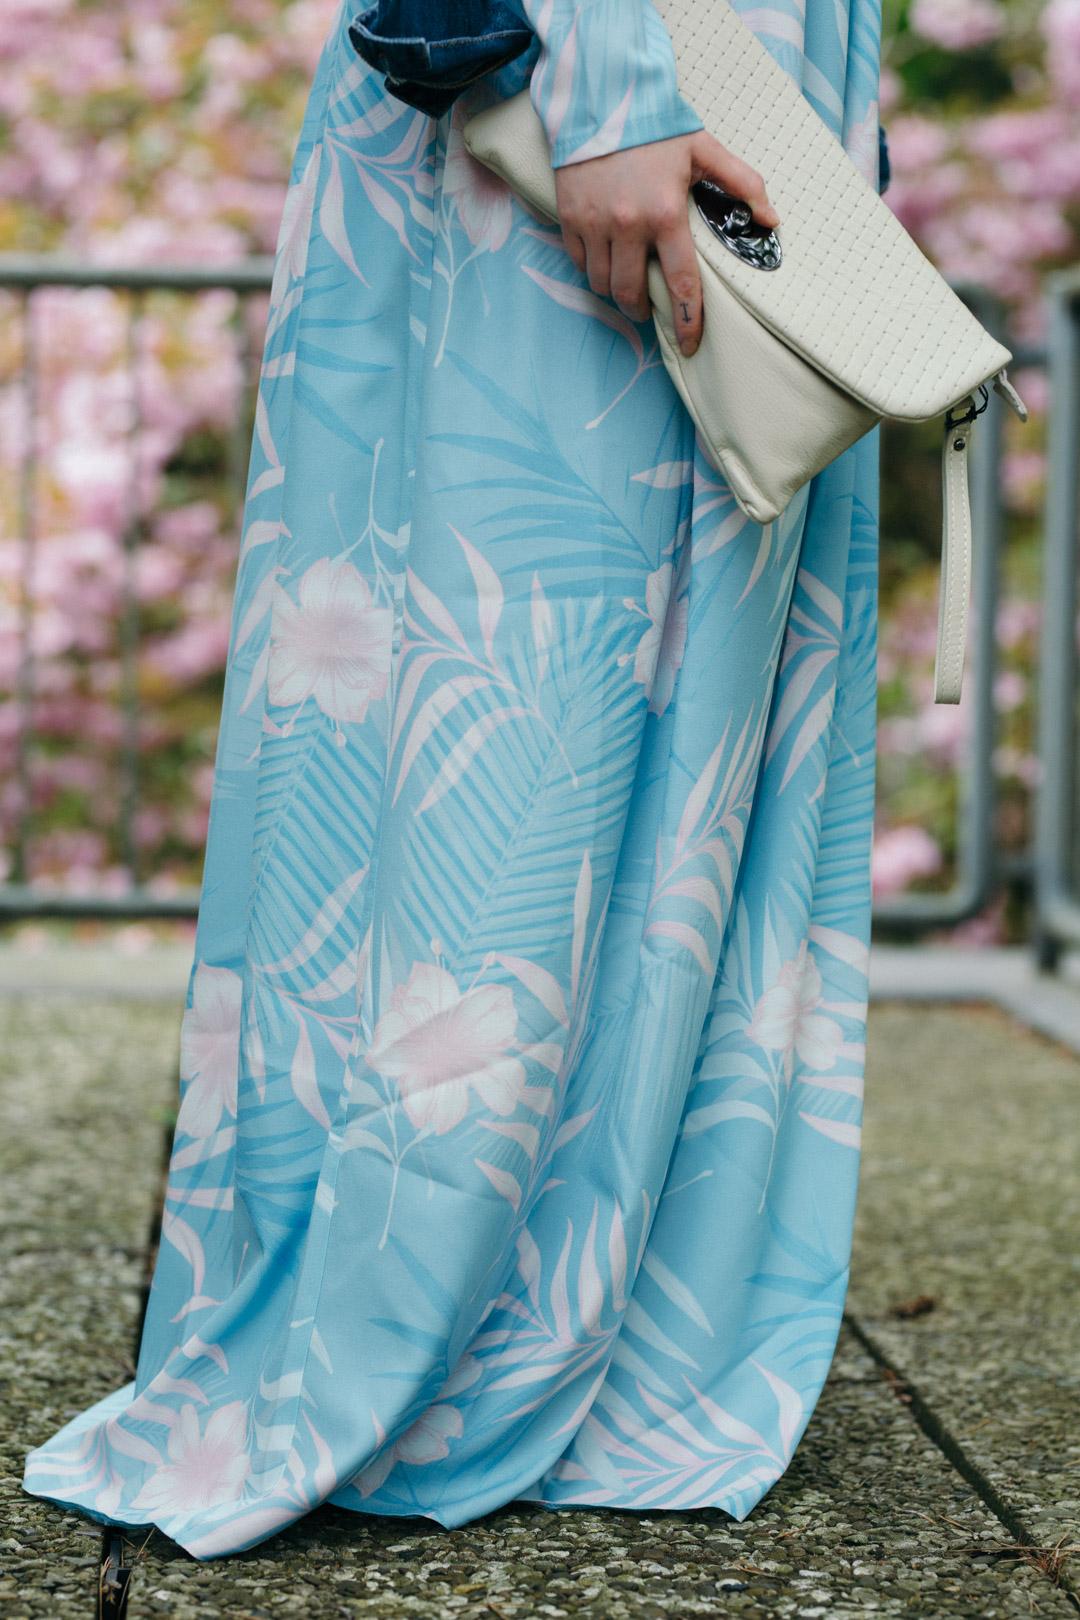 hochzeitsgast_outfit_07_annafrost_fafine